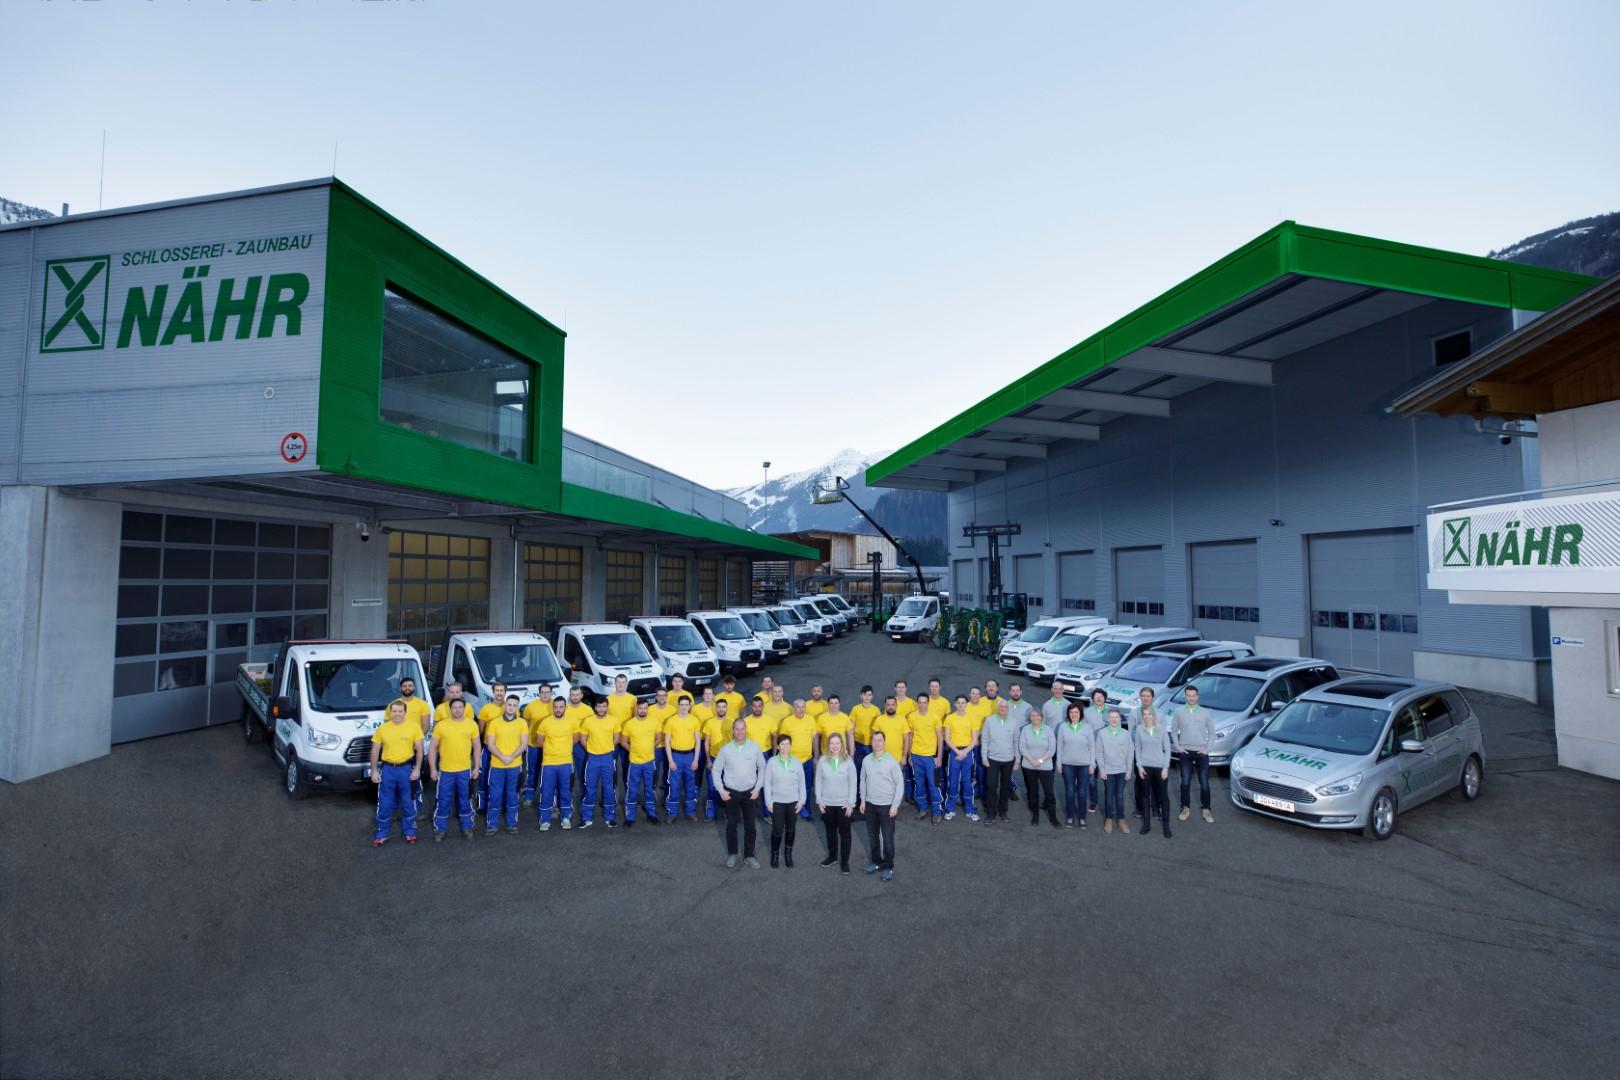 Das gesamte Schlosserei und Zaunbau Nähr Team in Gastein im Salzburger Land.